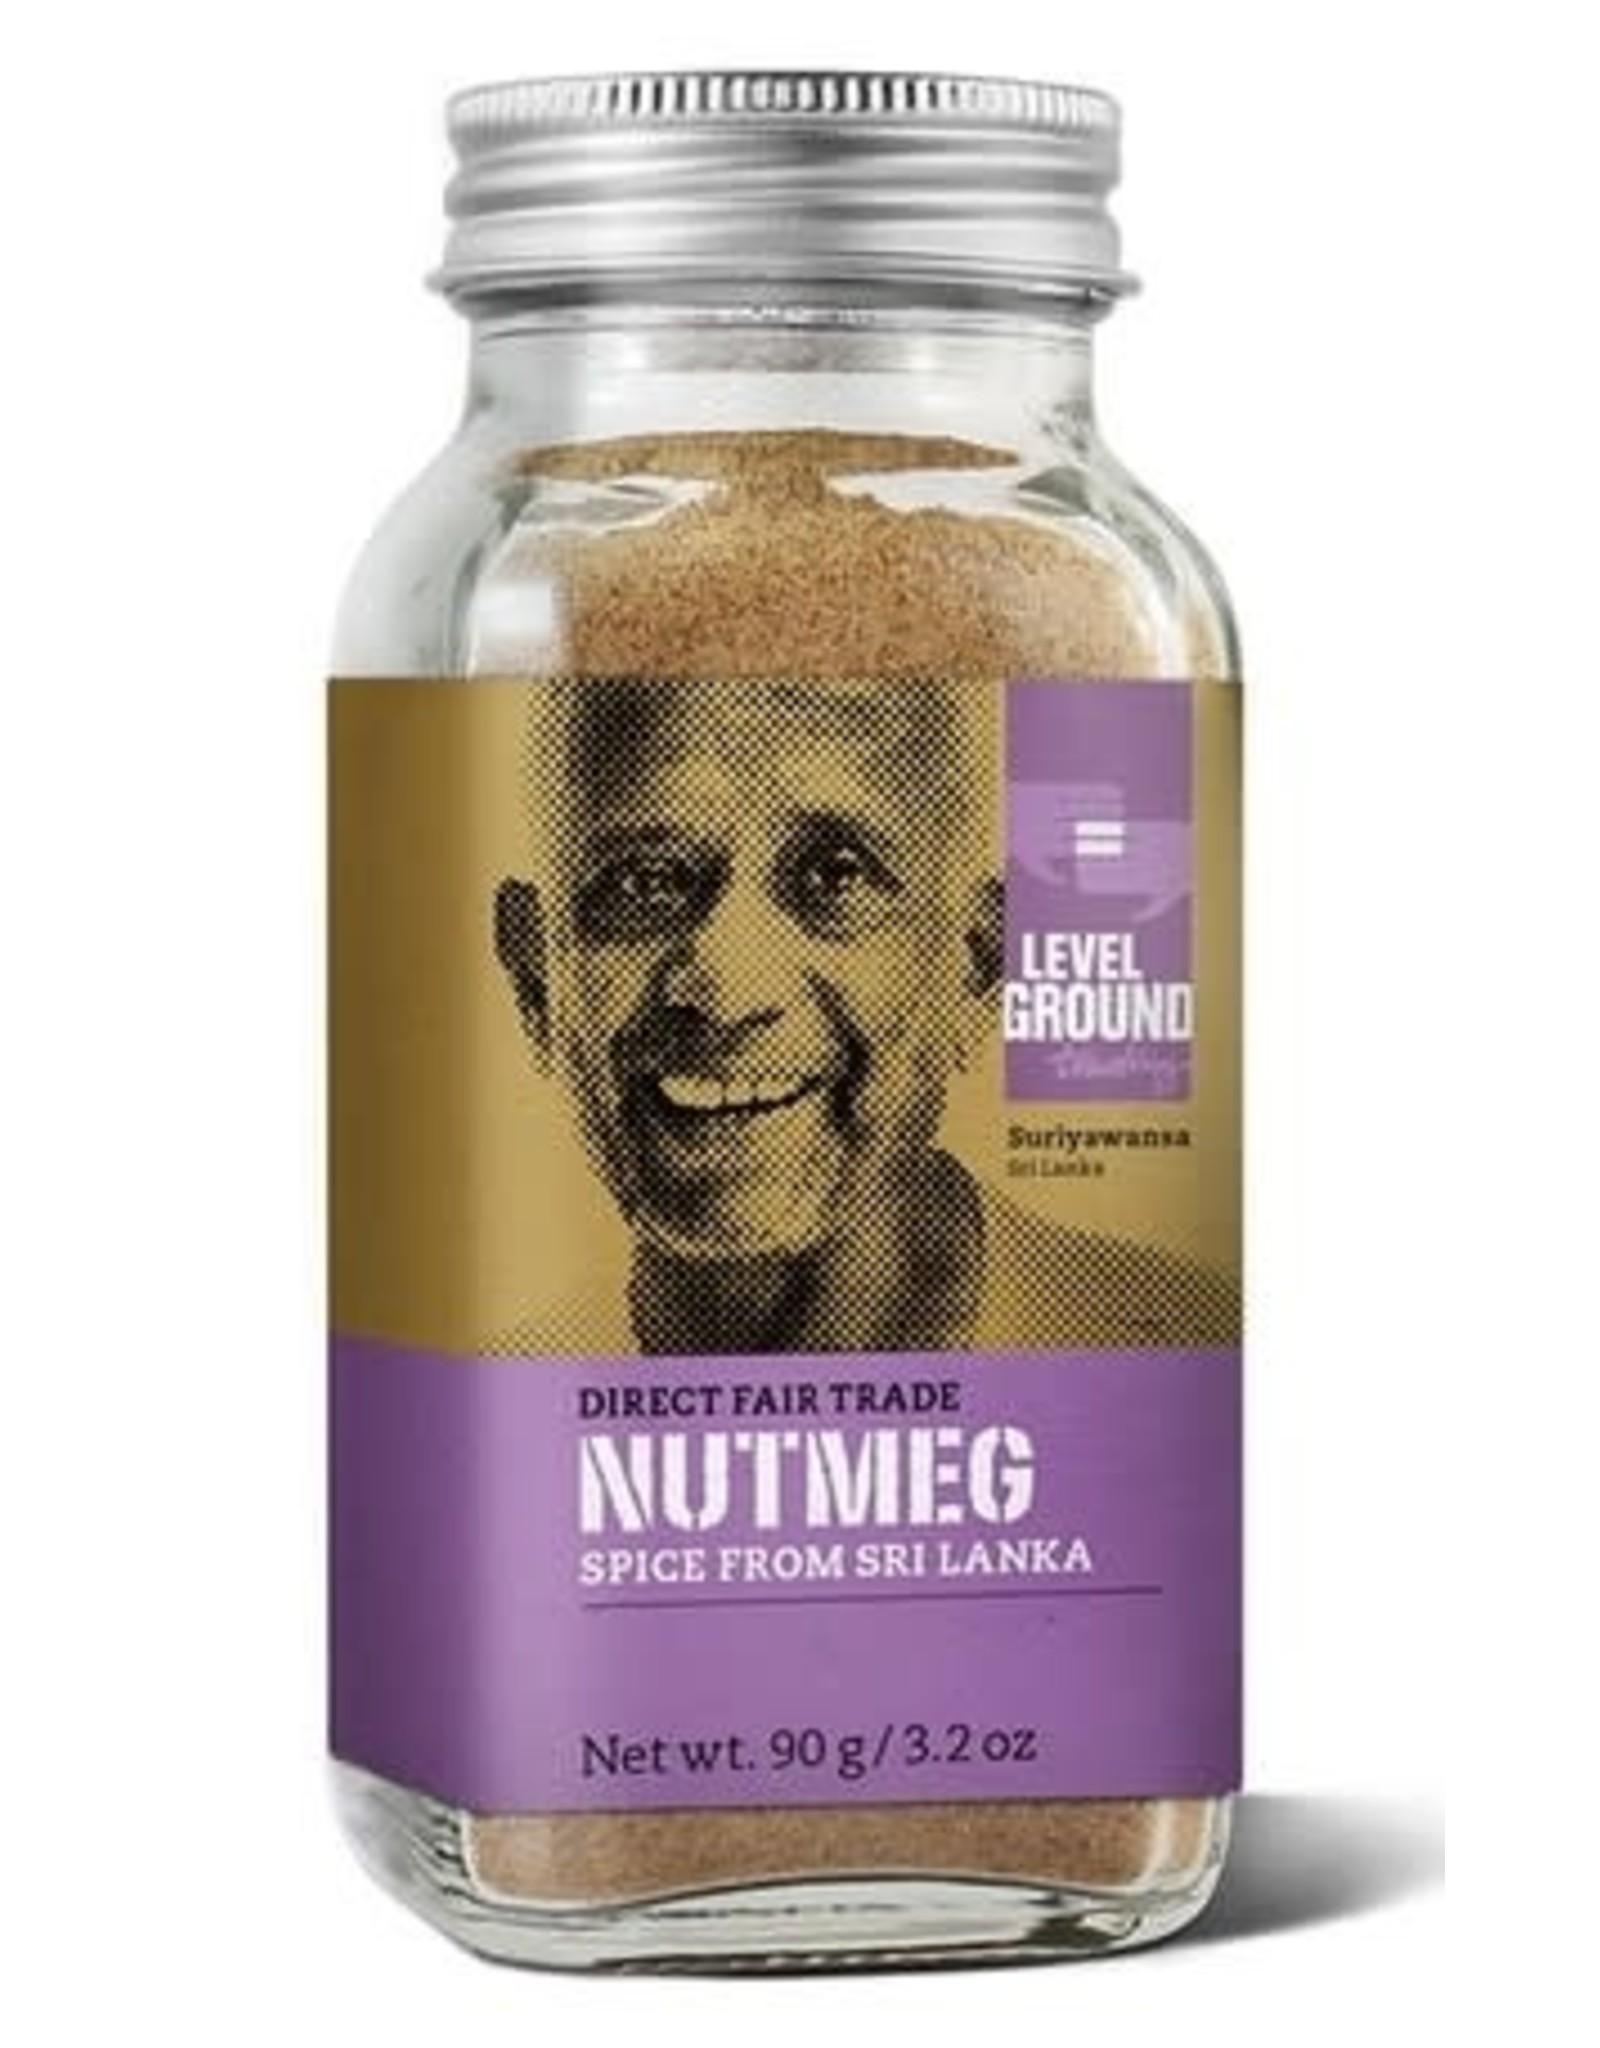 Level Ground Trading Nutmeg 90g